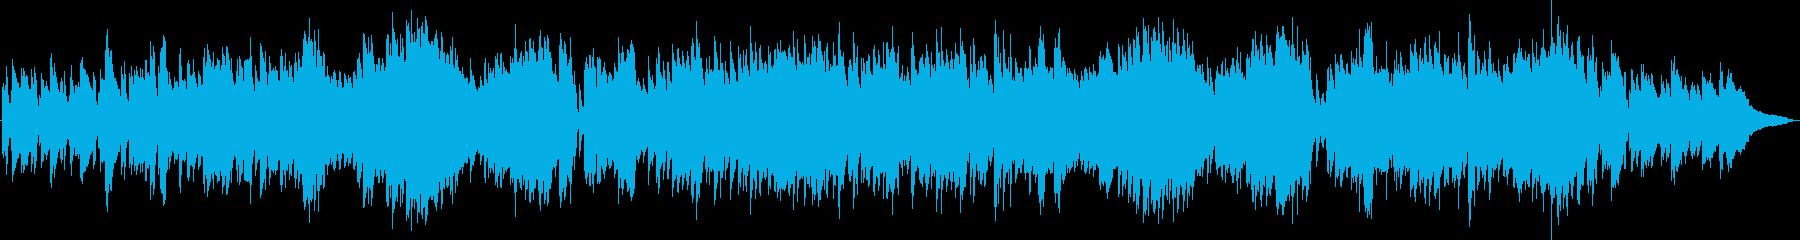 ピアノ生演奏/童謡「七つの子」ジャズ風の再生済みの波形